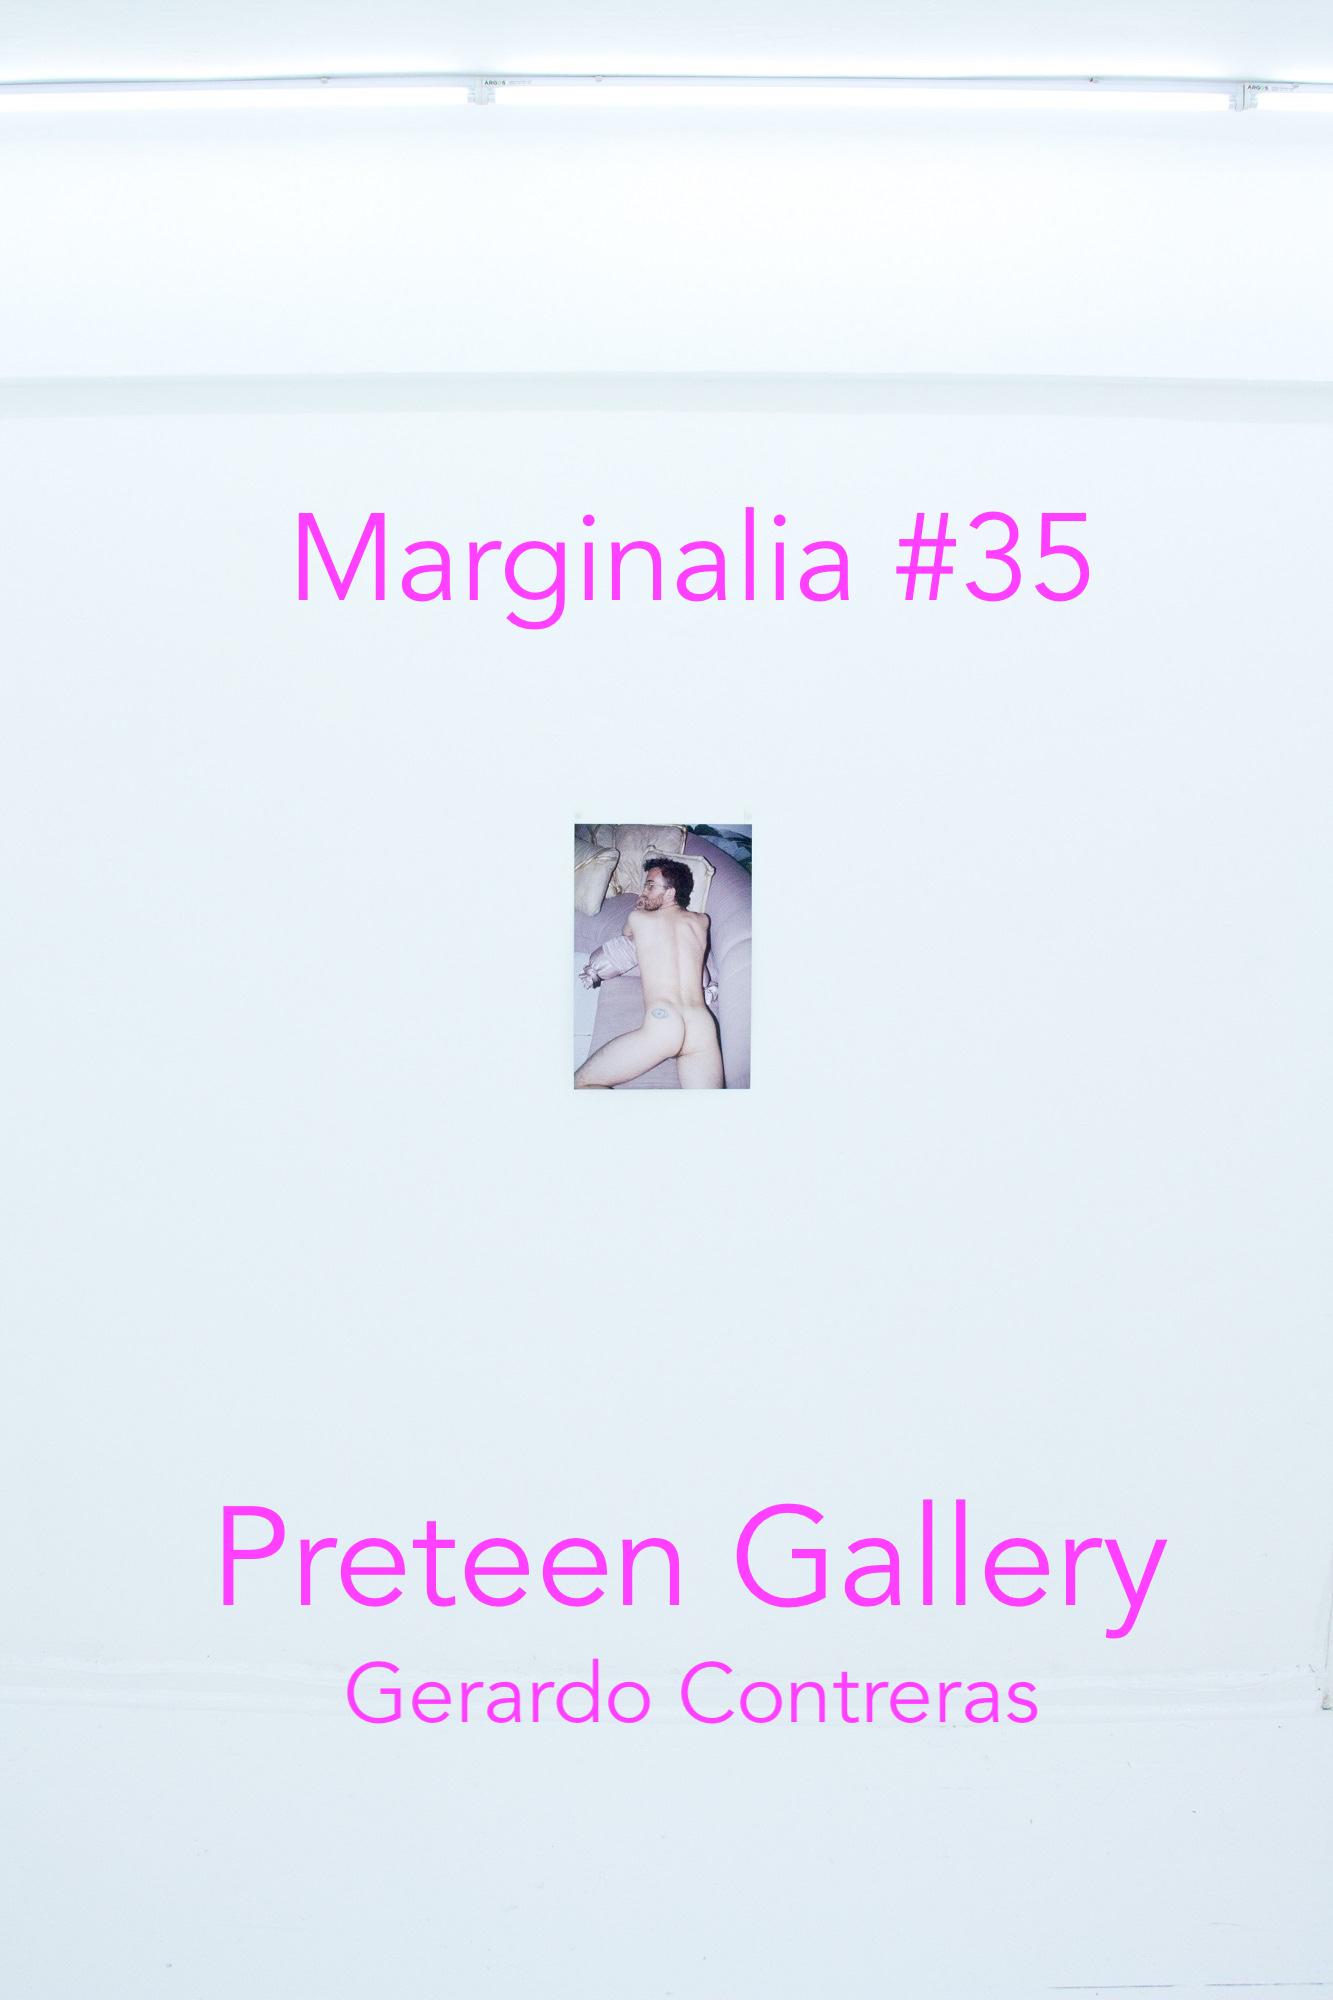 MARGINALIA #35